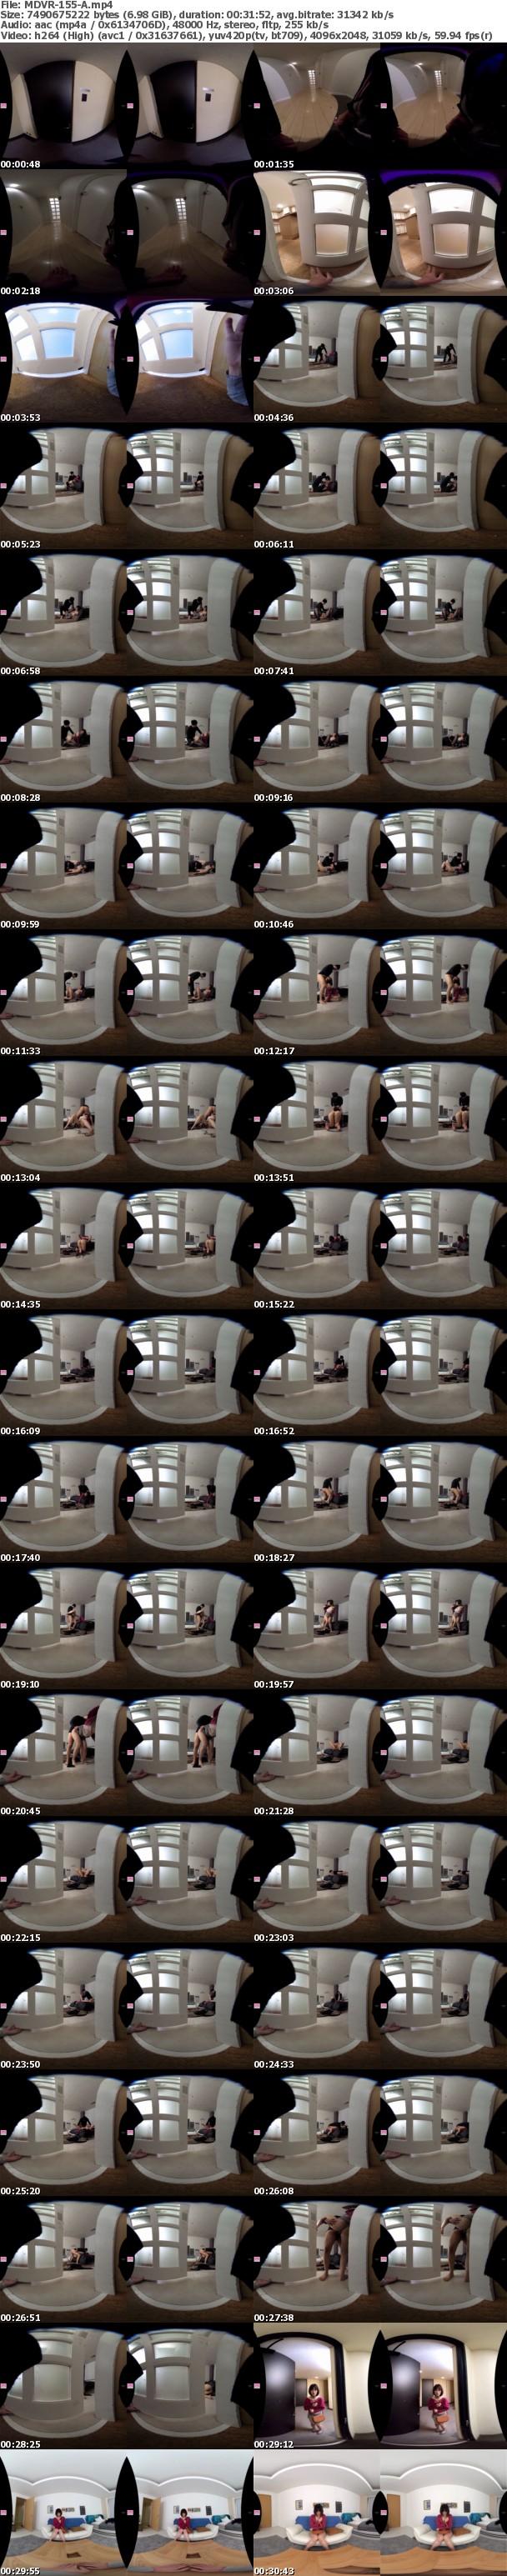 (VR) MDVR-155 「犯●れて…また犯●れる。」悲劇のダブルレ○プストーリーVR 連れ込みレ○プを客観アングルで覗いた後は、ボクの家に助けを求めてきた女を追撃レ○プ!!興奮のバーチャル追姦リアリティ!! 月乃ルナ